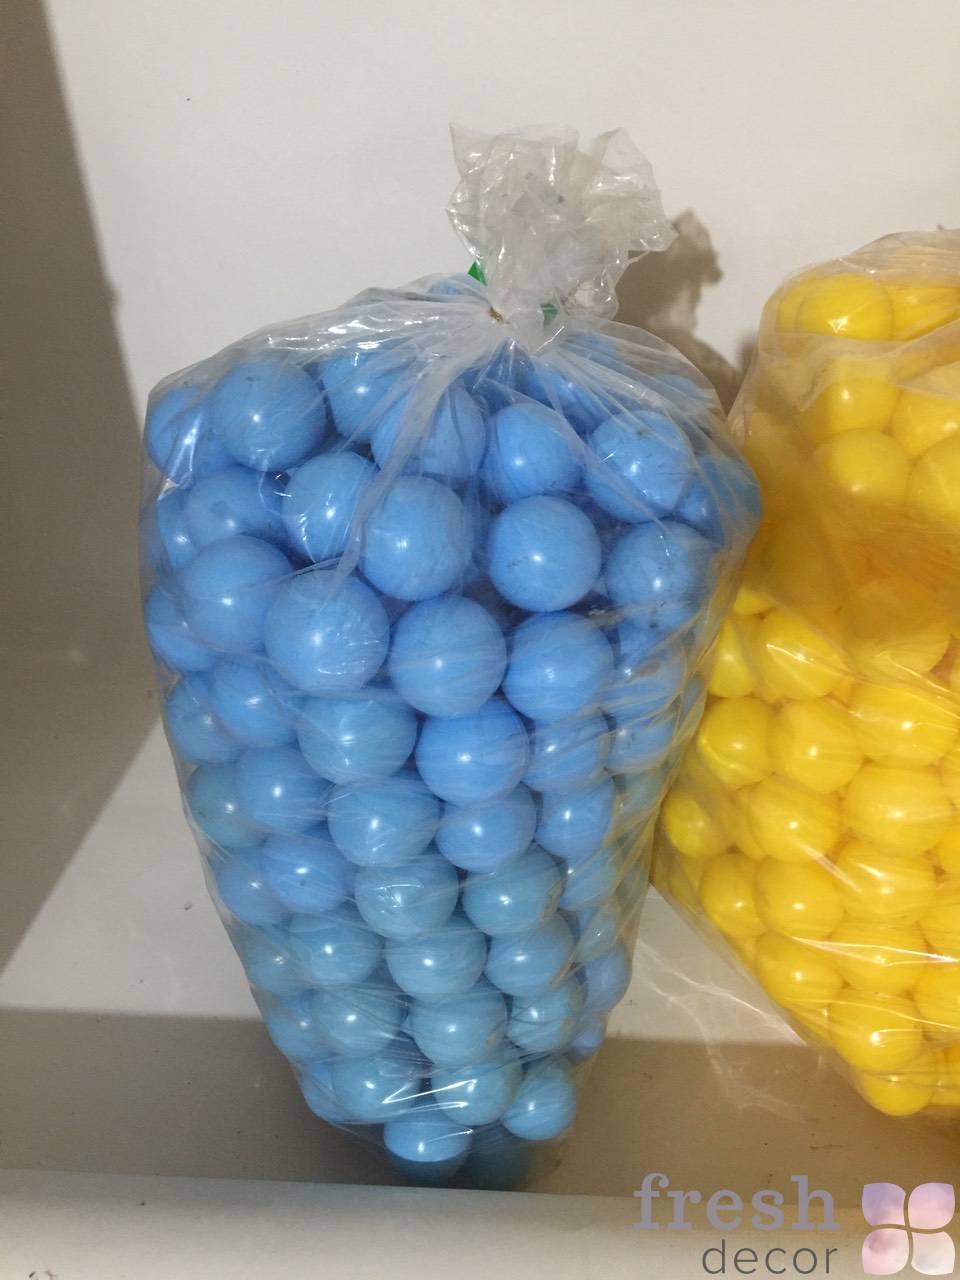 sinie malenkie shariki iz plastika dlya arendy